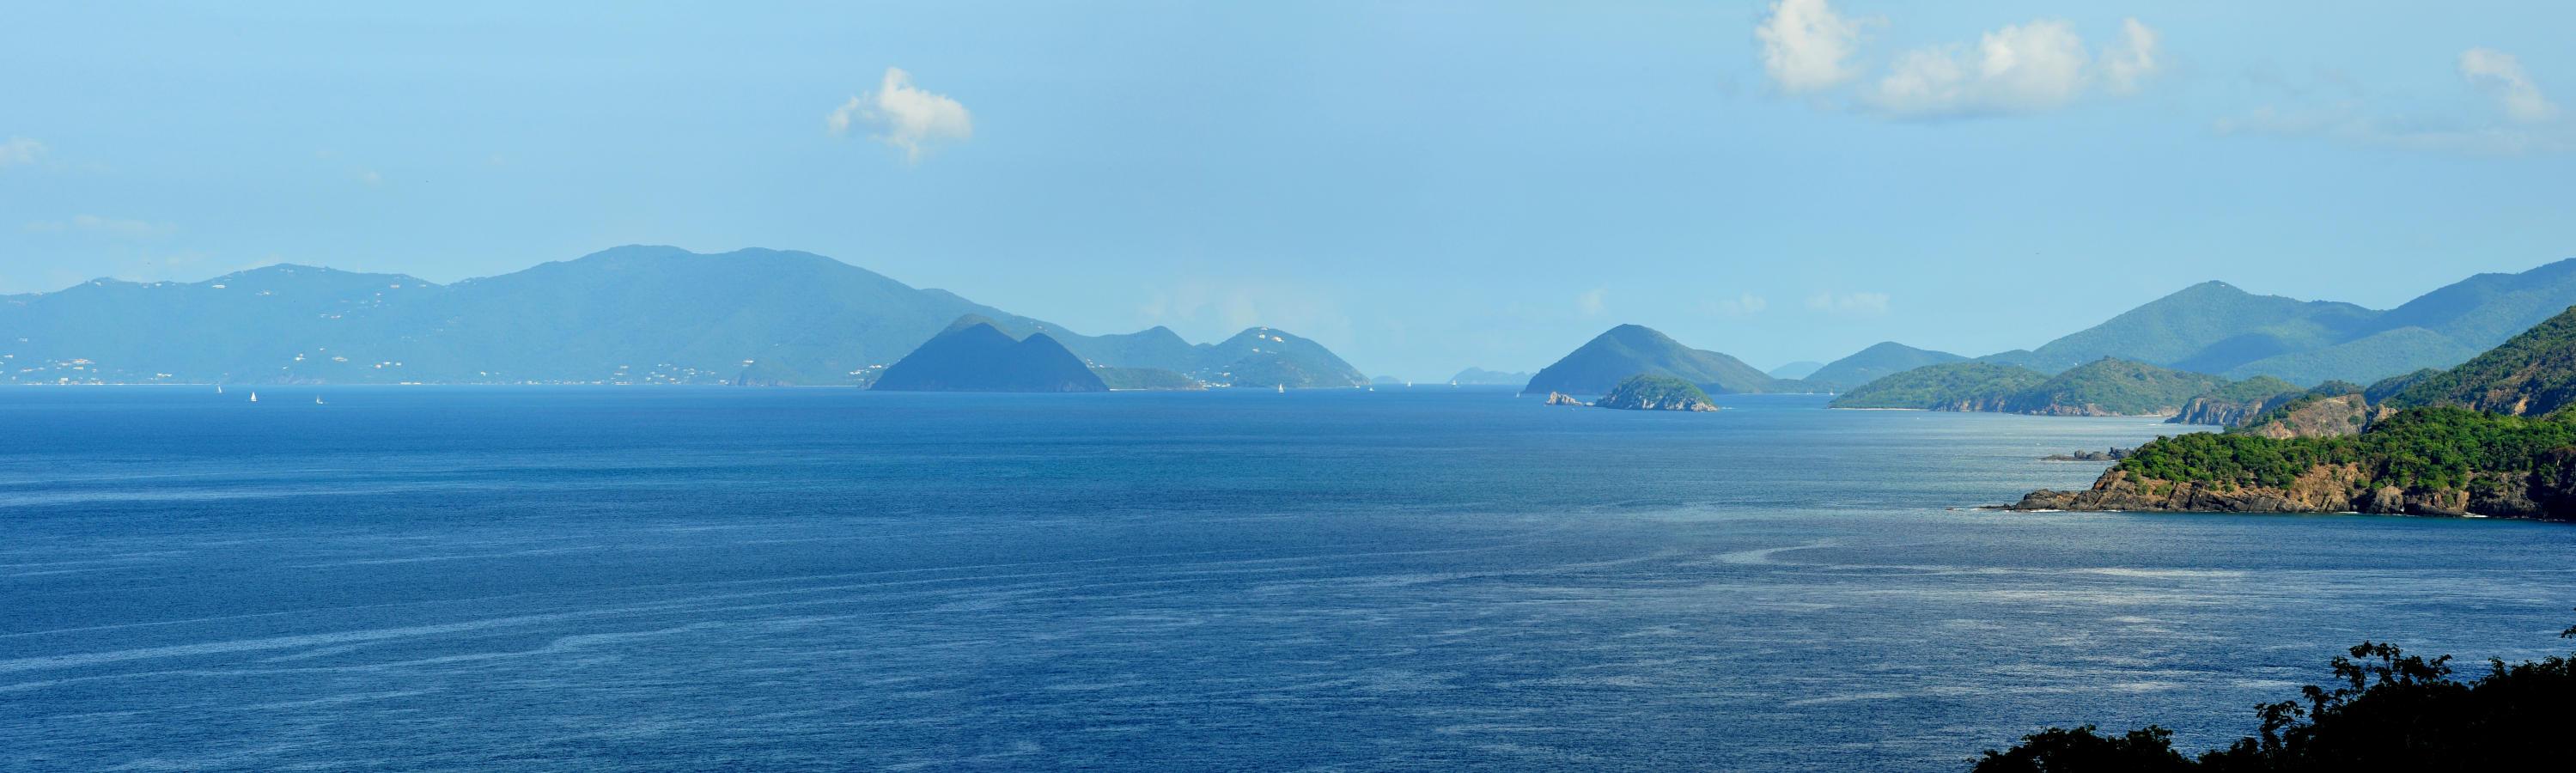 Panoramic Views Over Azure Ocean